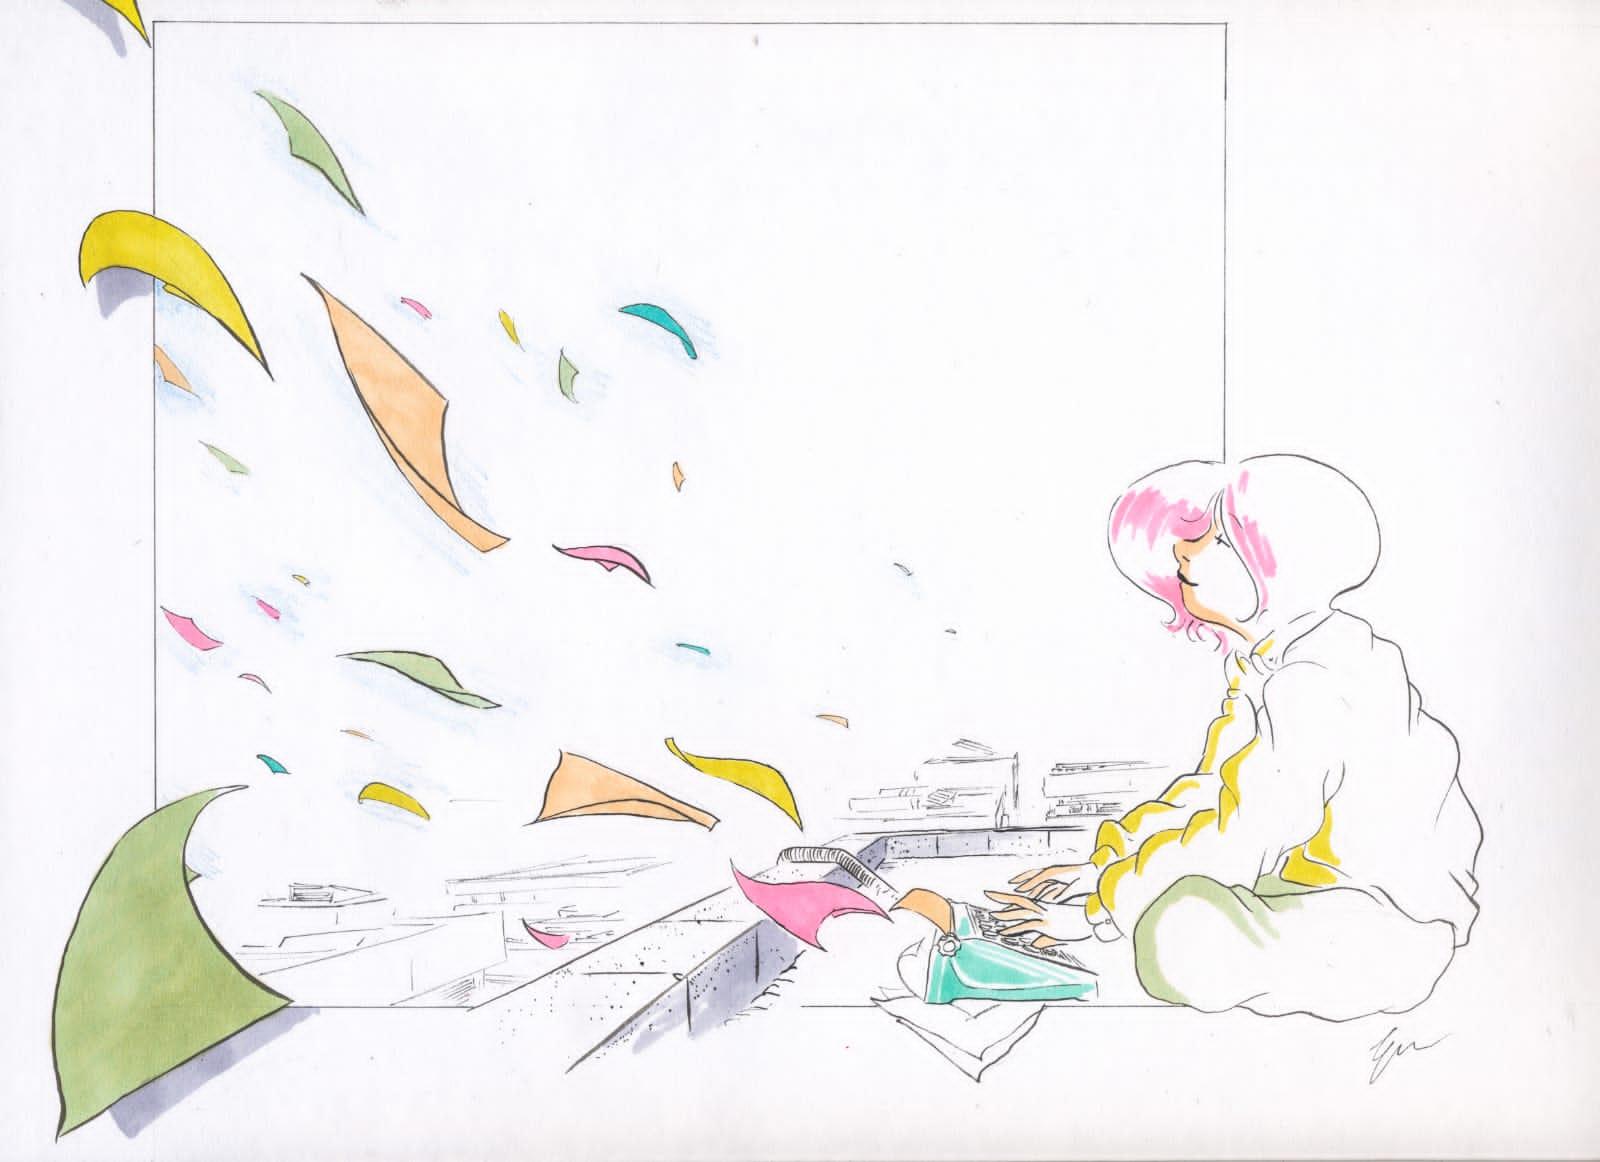 Nel disegno una ragazza seduta per terra scrive a macchina mentre fogli di carta colorati volano in aria